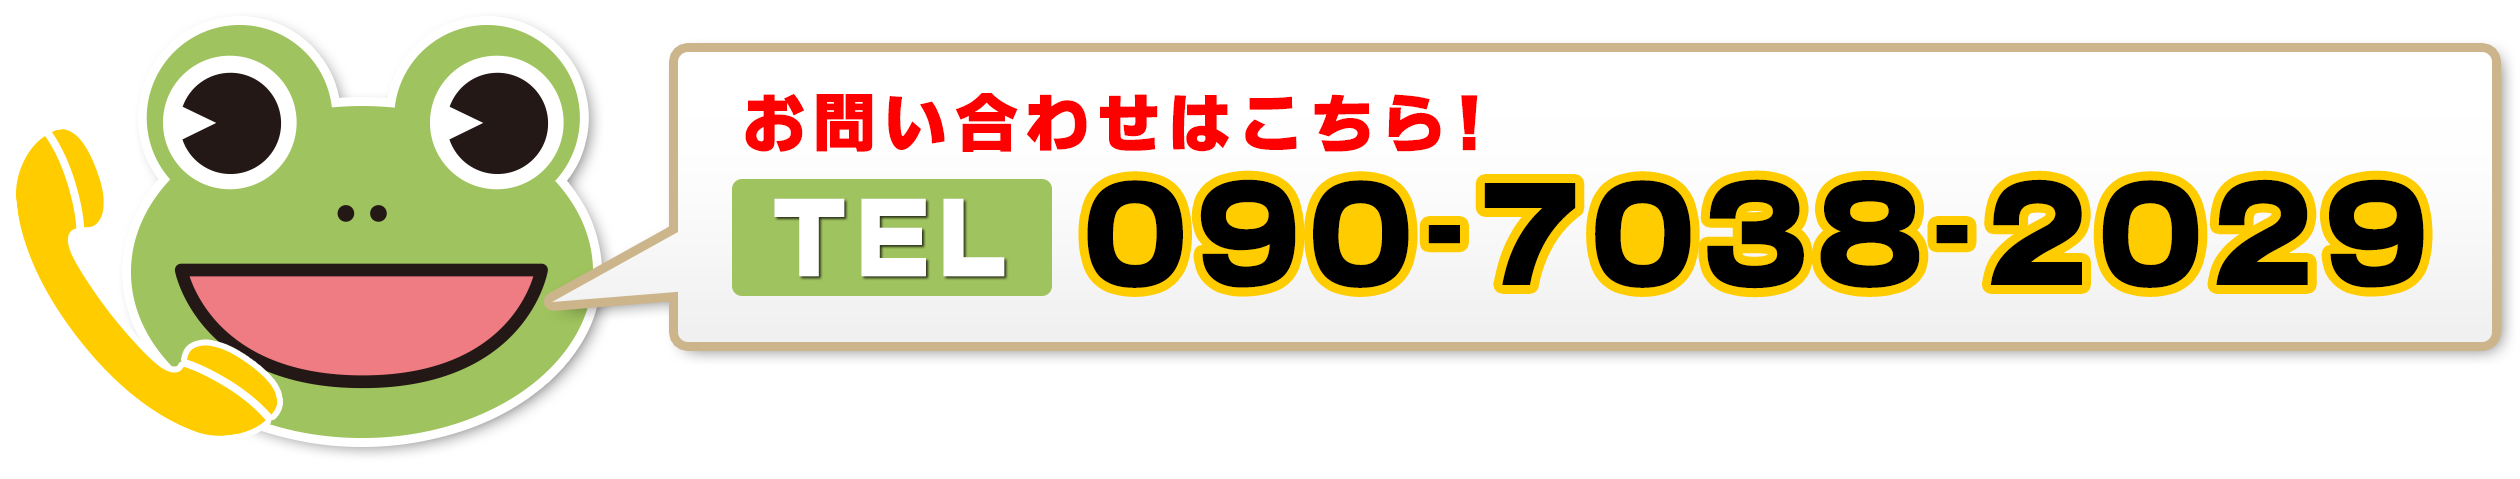 お問合せは090-7038-2029まで!